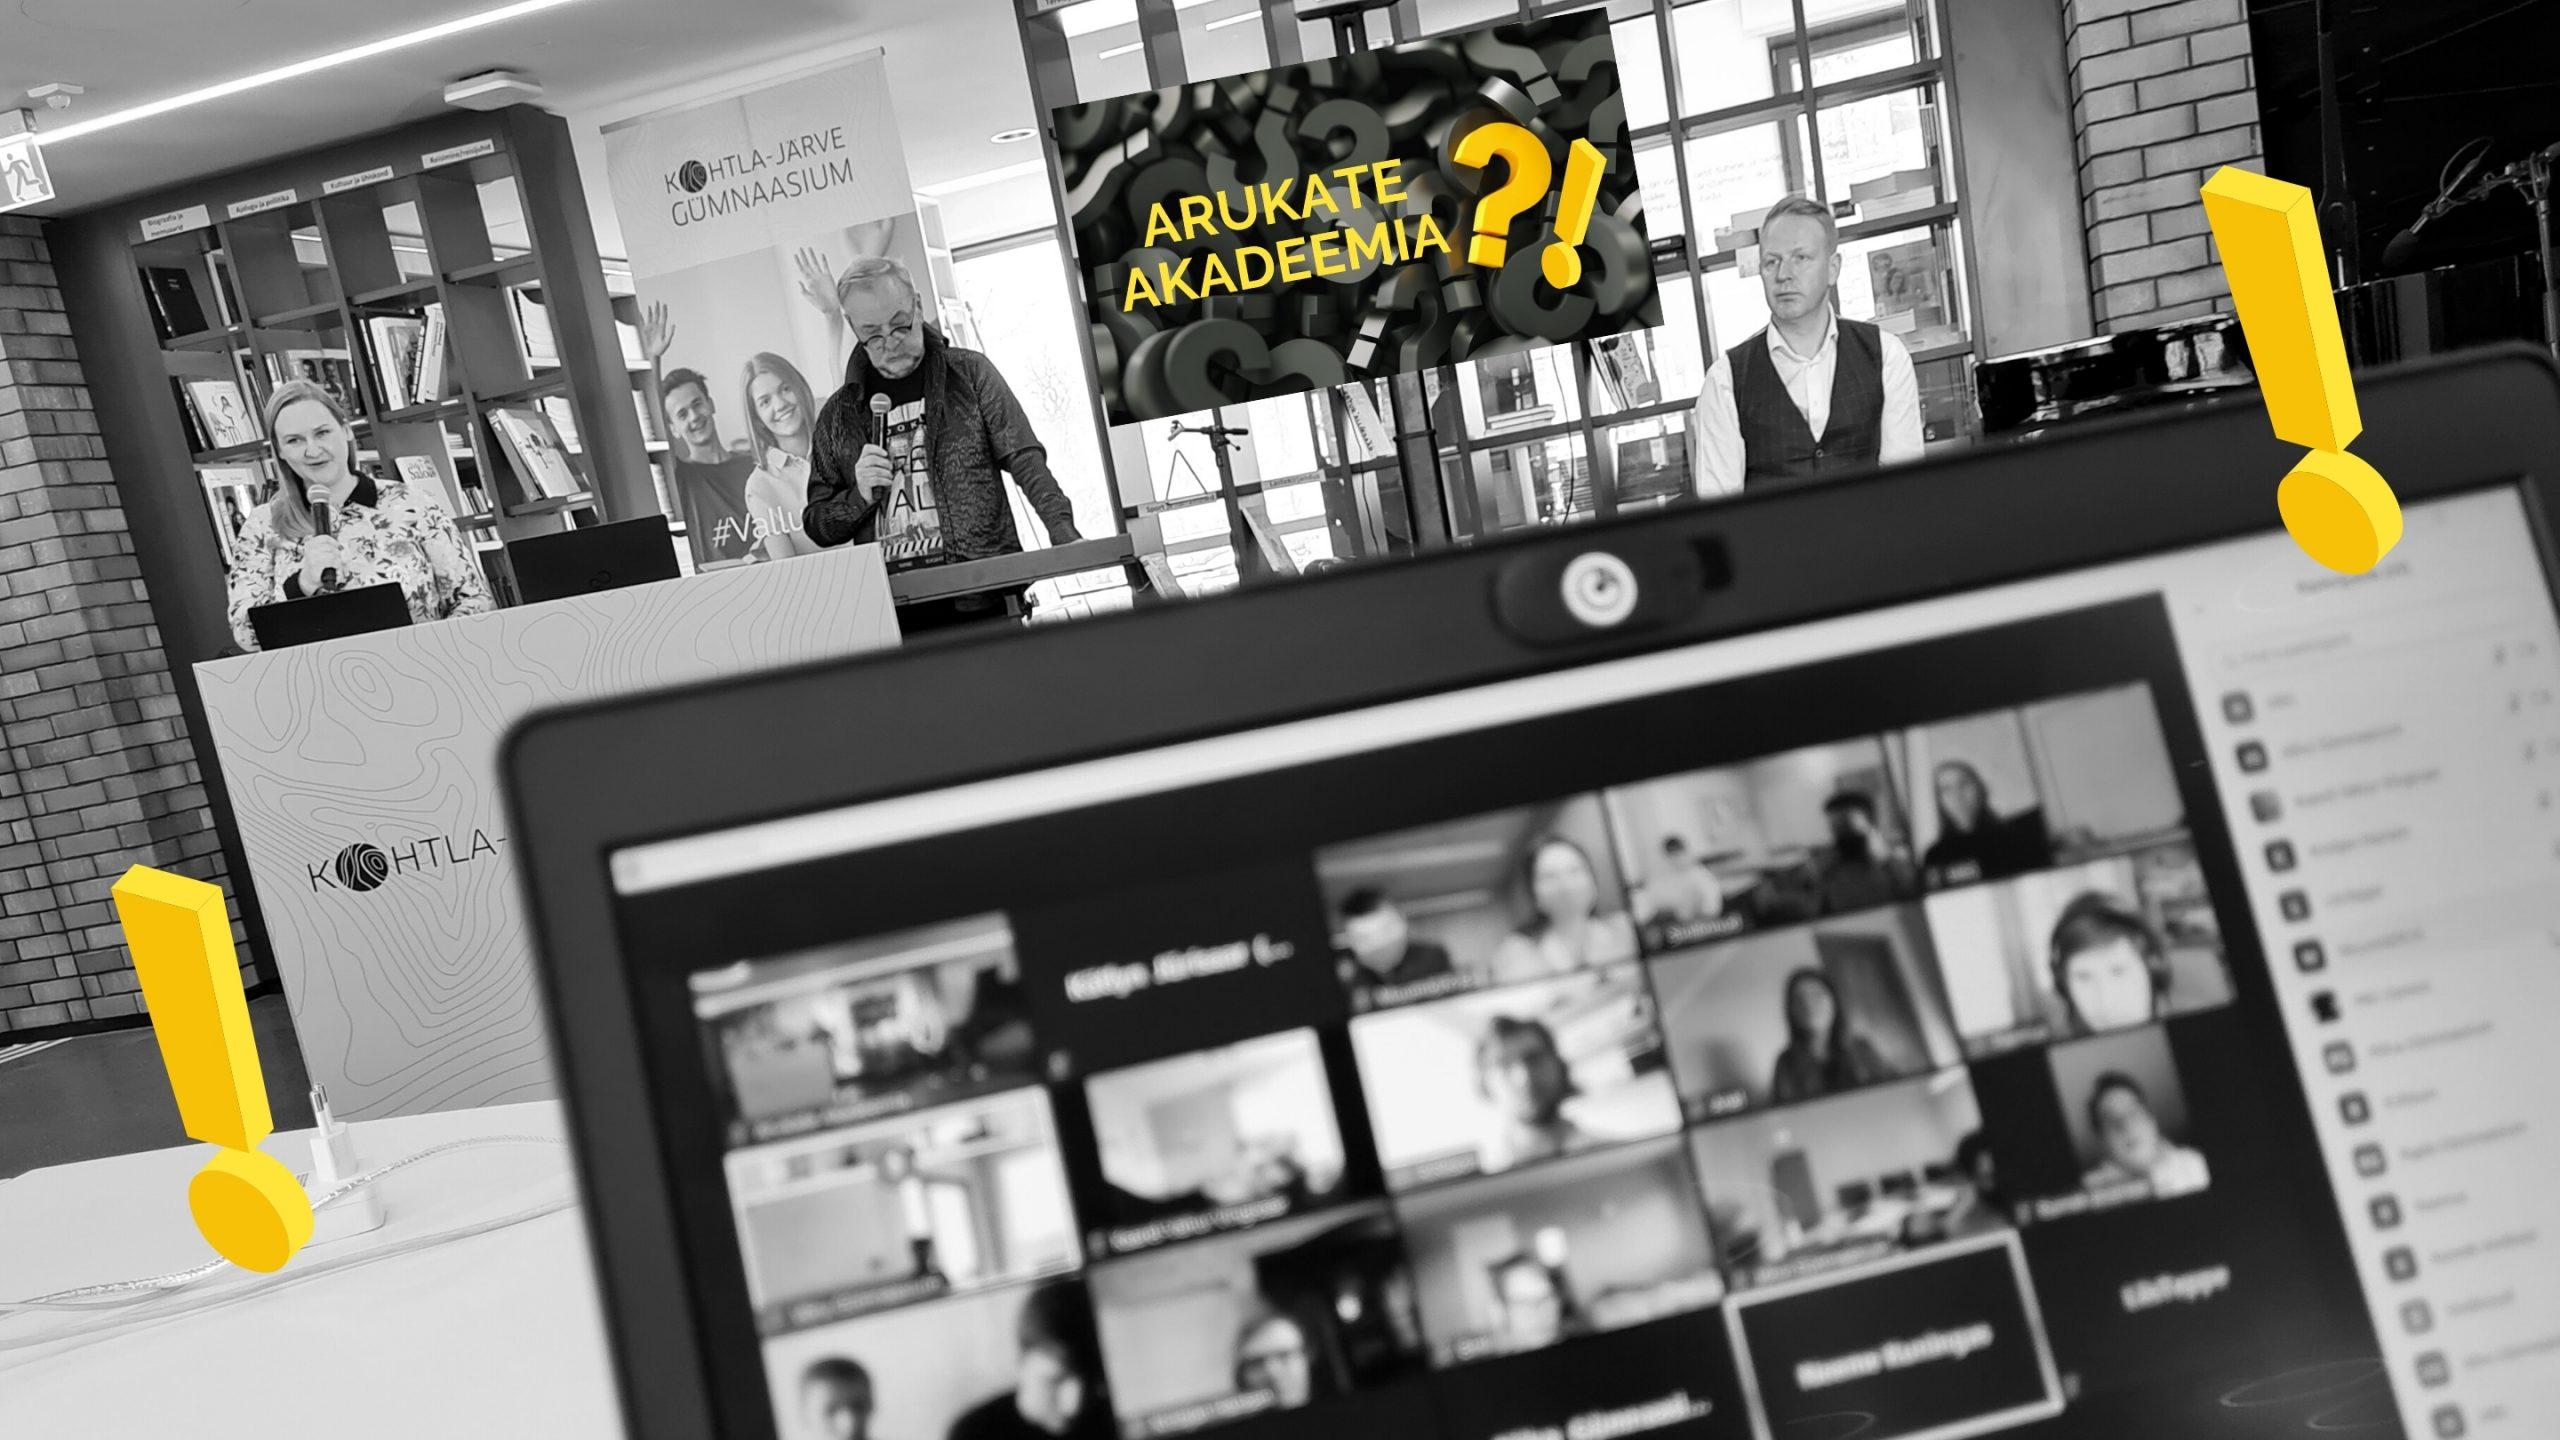 Riigigümnaasiumite mälumänguturniiri Arukate Akadeemia esimene voor peetud!